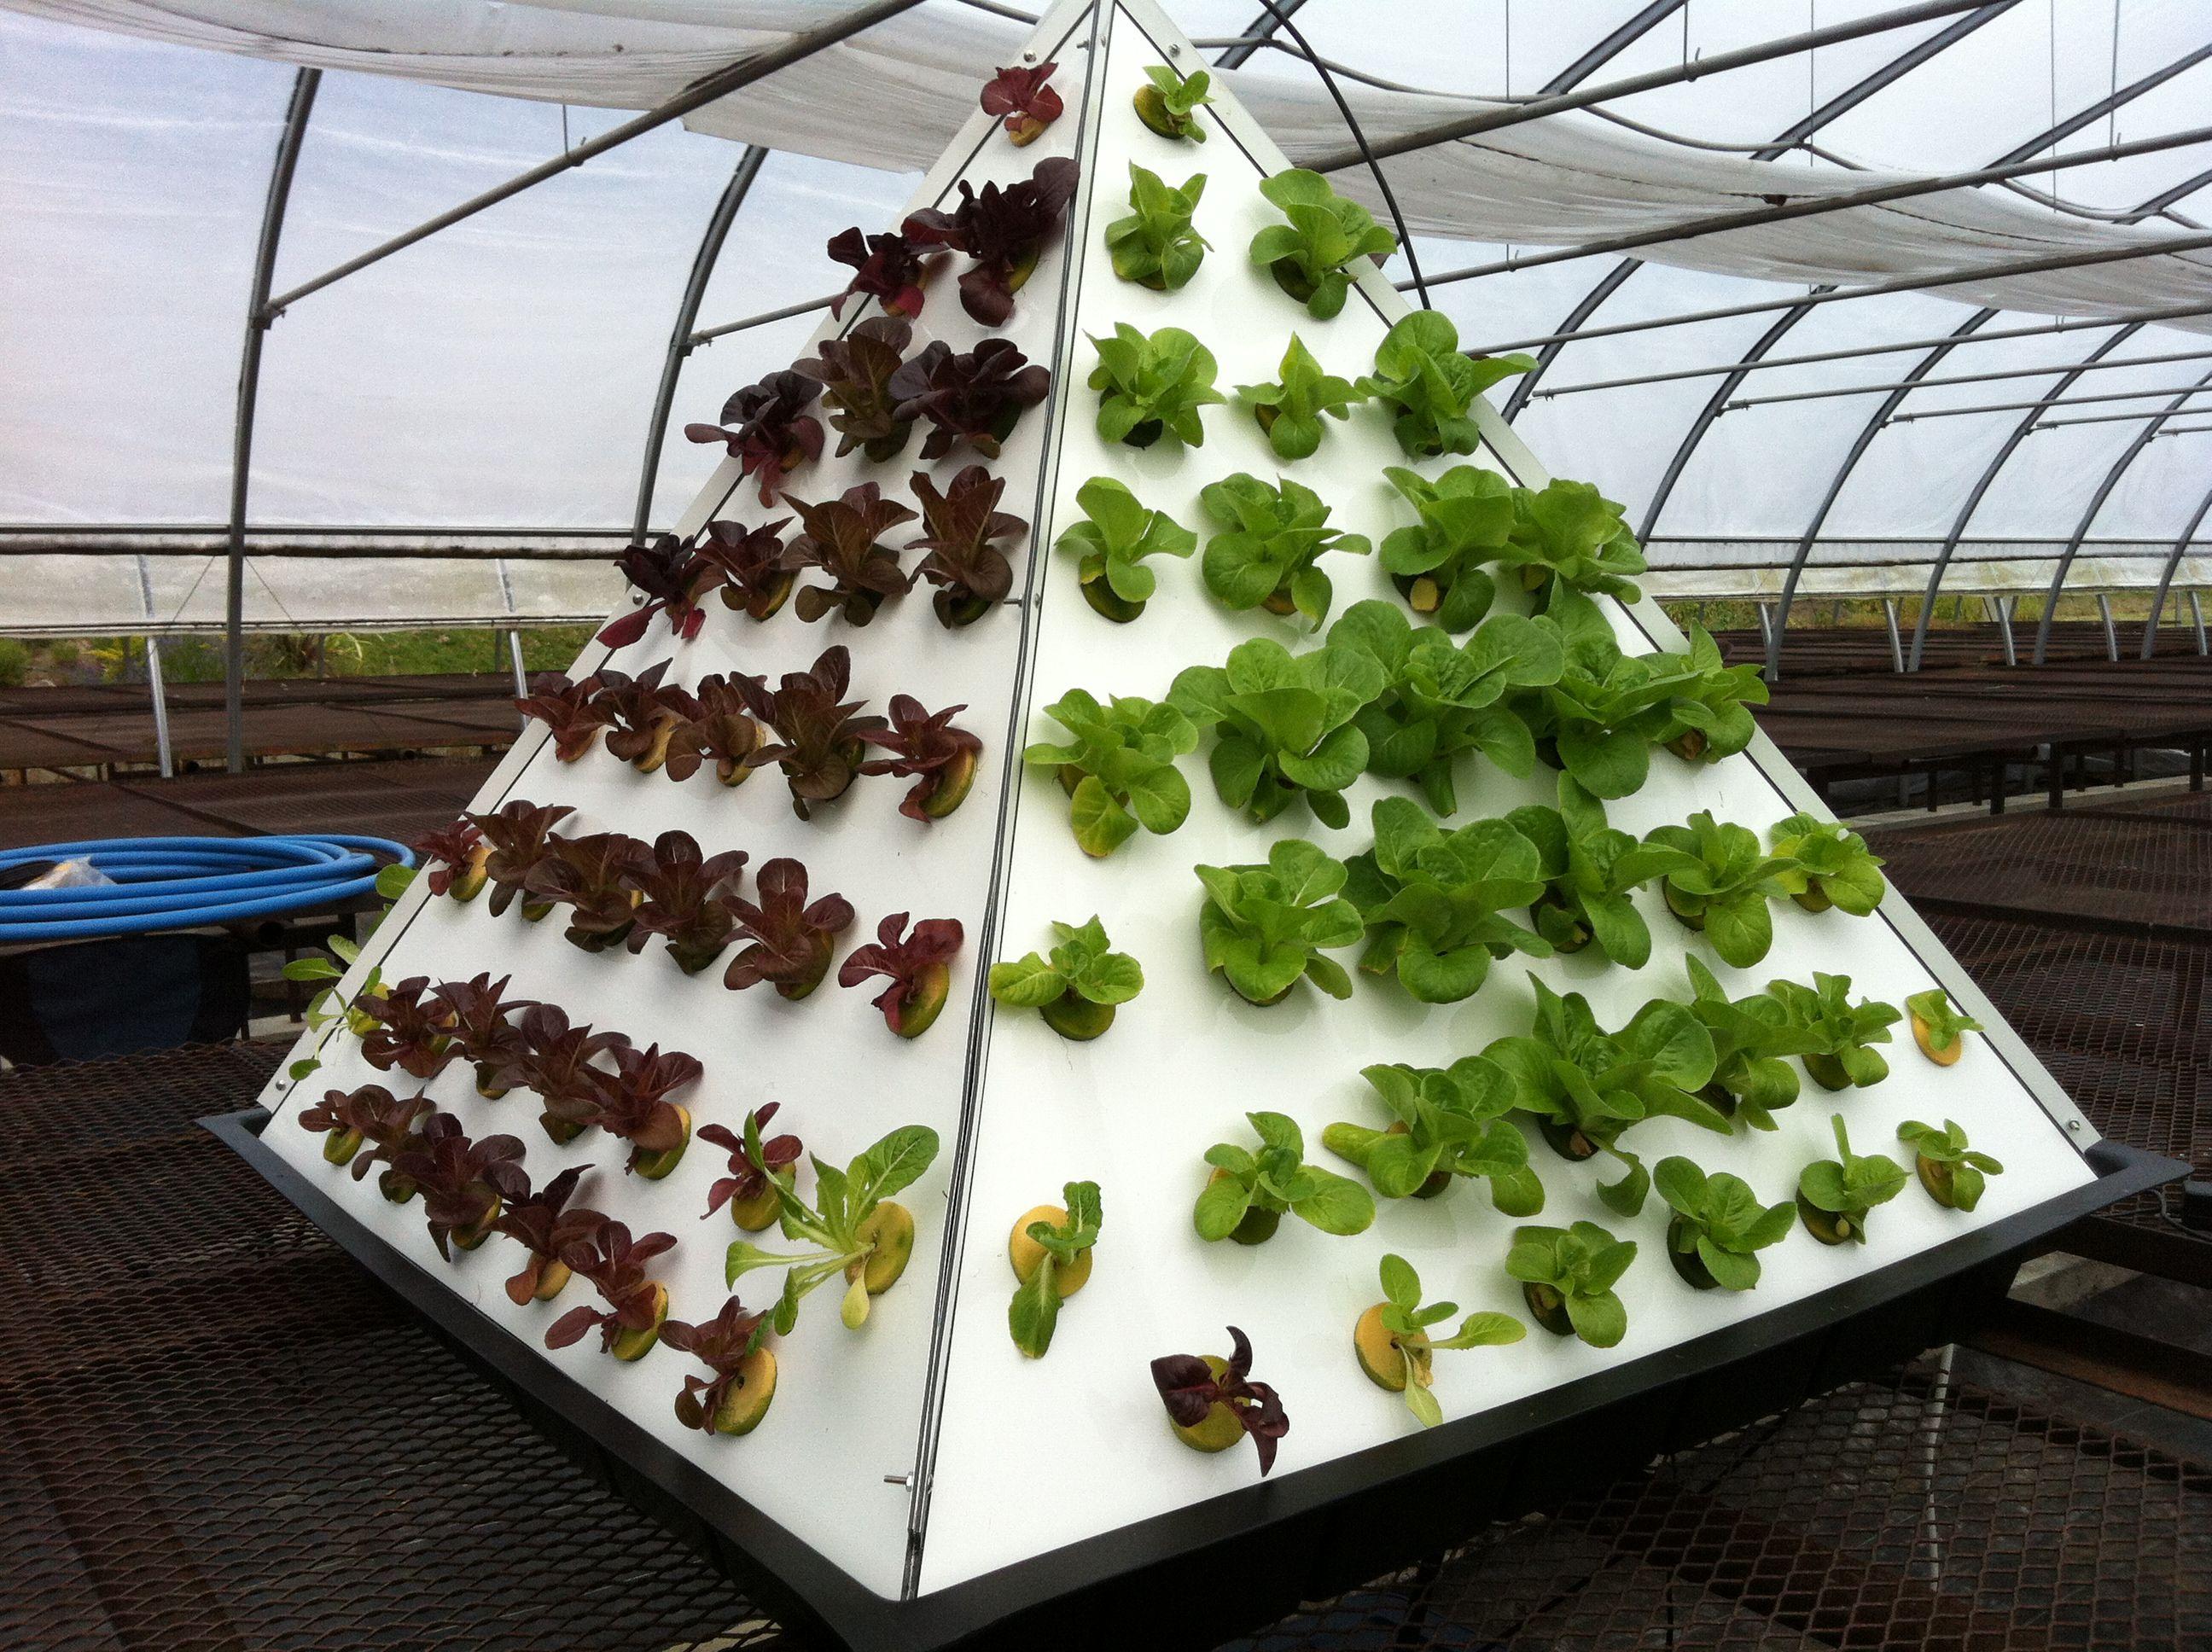 Pyramid Gardening Organic Veggies Hydroponic 400 x 300